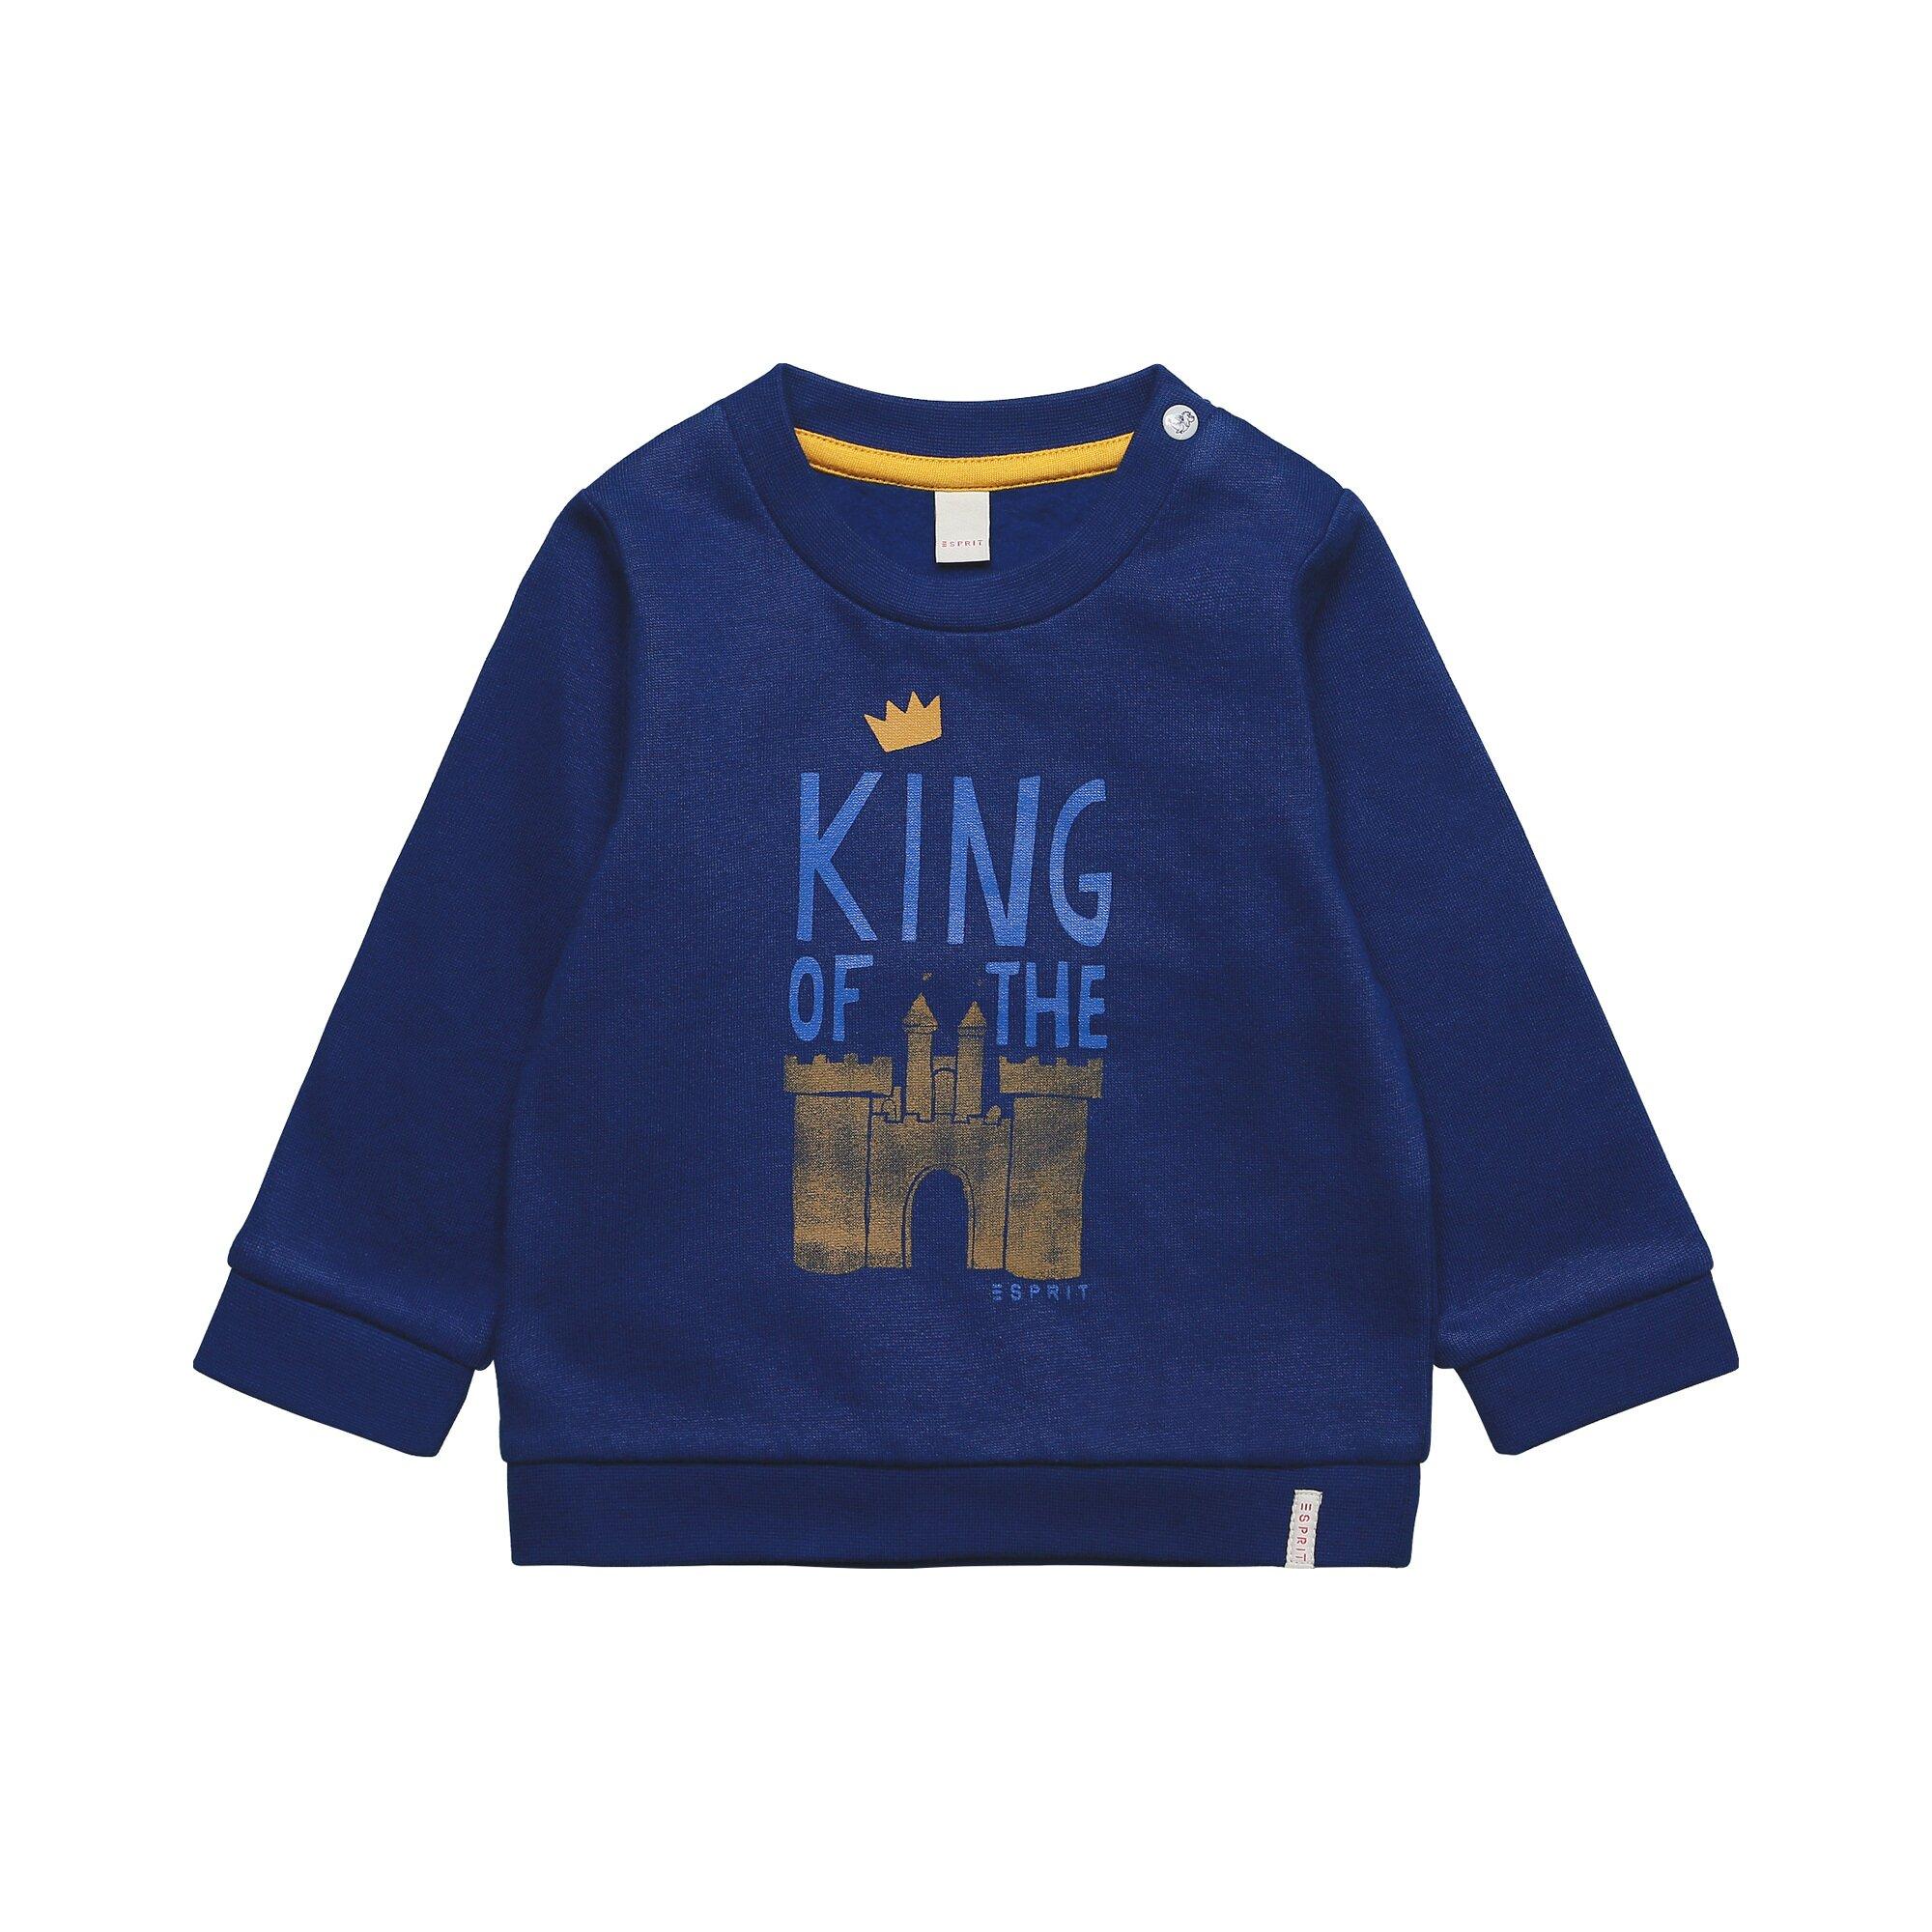 Esprit Sweatshirt King